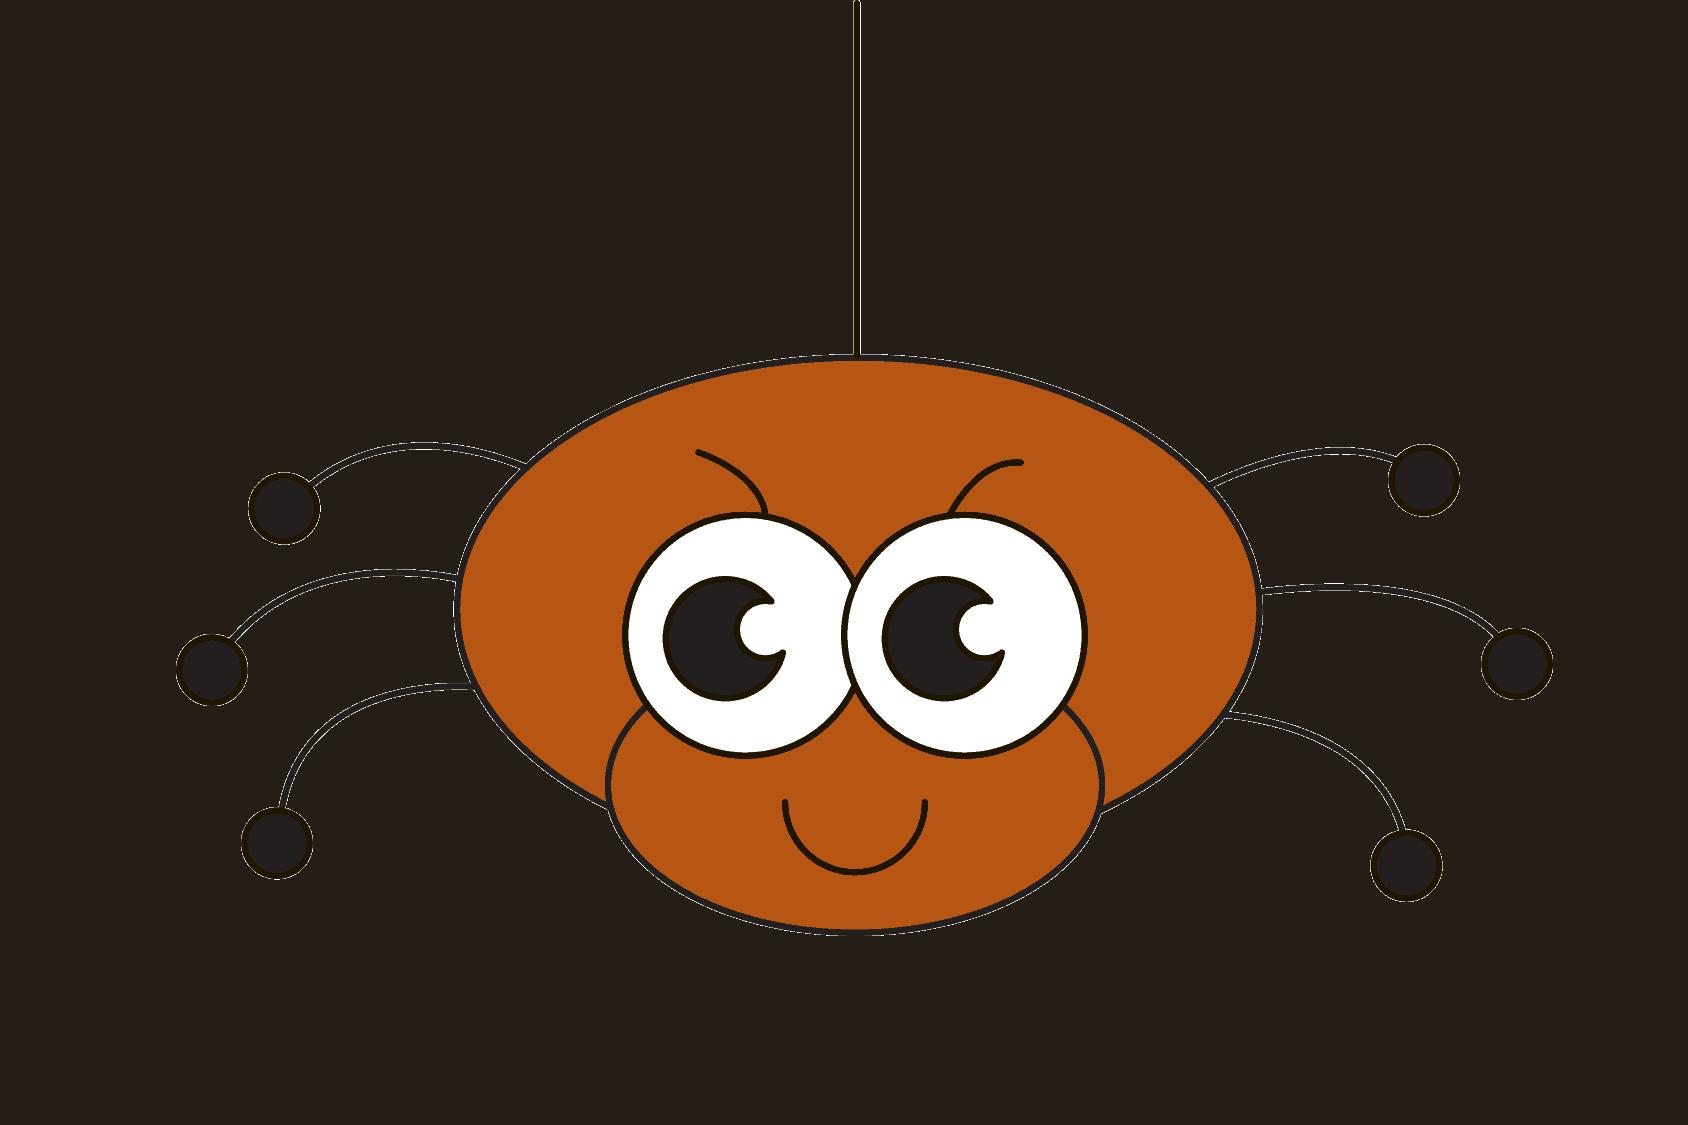 Gratis Kleurplaten Spinnen.Spin Tekenen Leer Hoe Je Stap Voor Stap Een Spin Kunt Tekenen